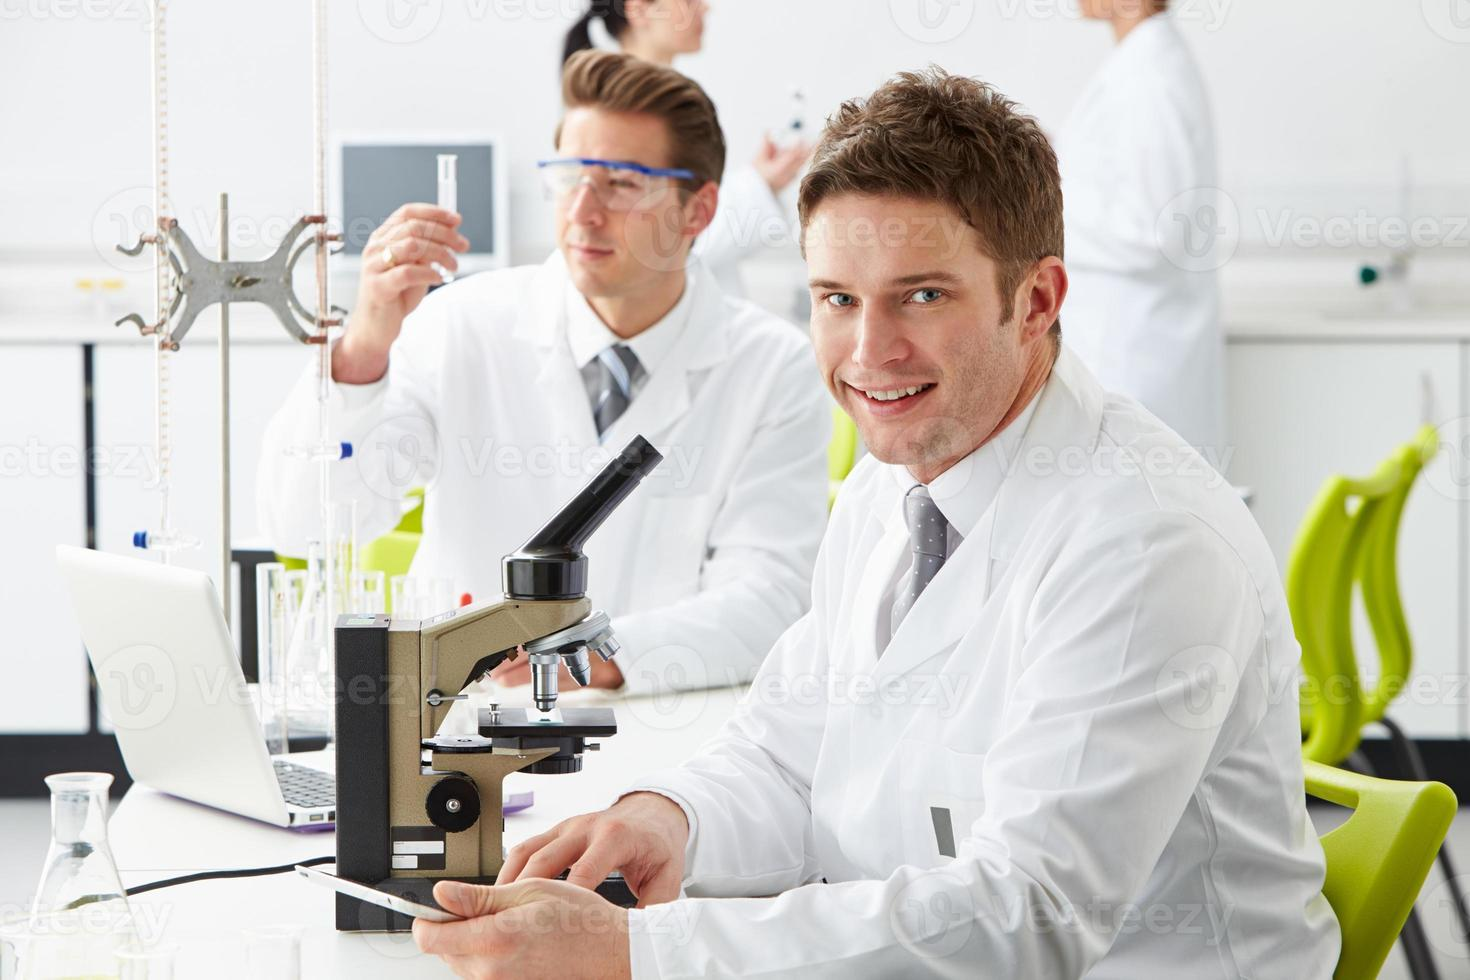 techniciens effectuant des recherches en laboratoire photo